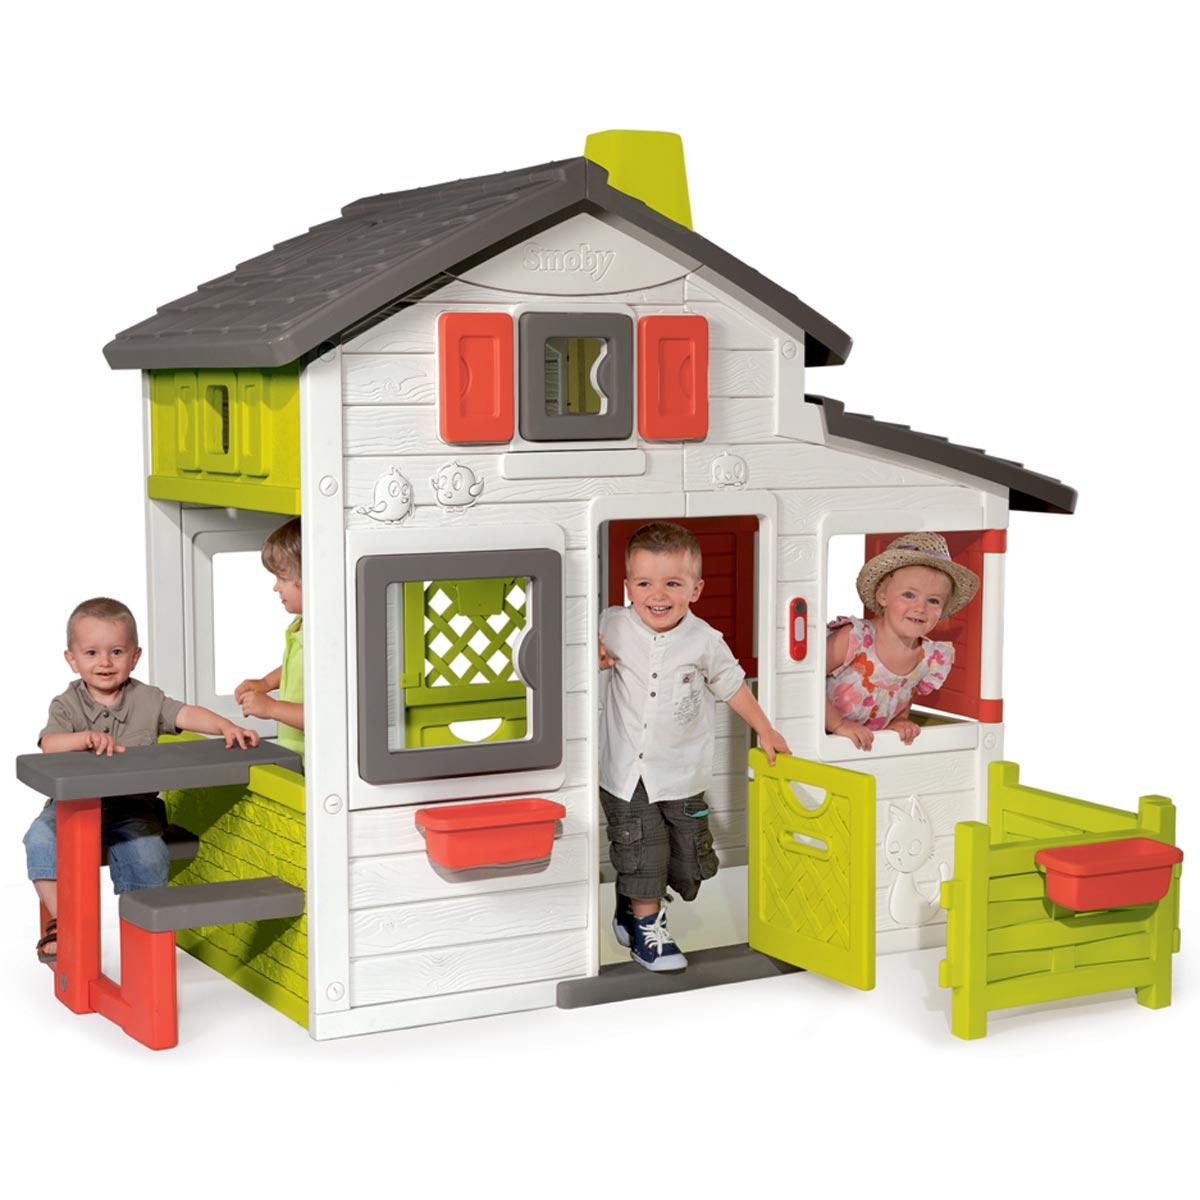 Smoby Maison De Jardin Friends House concernant Maison De Jardin Pour Enfant